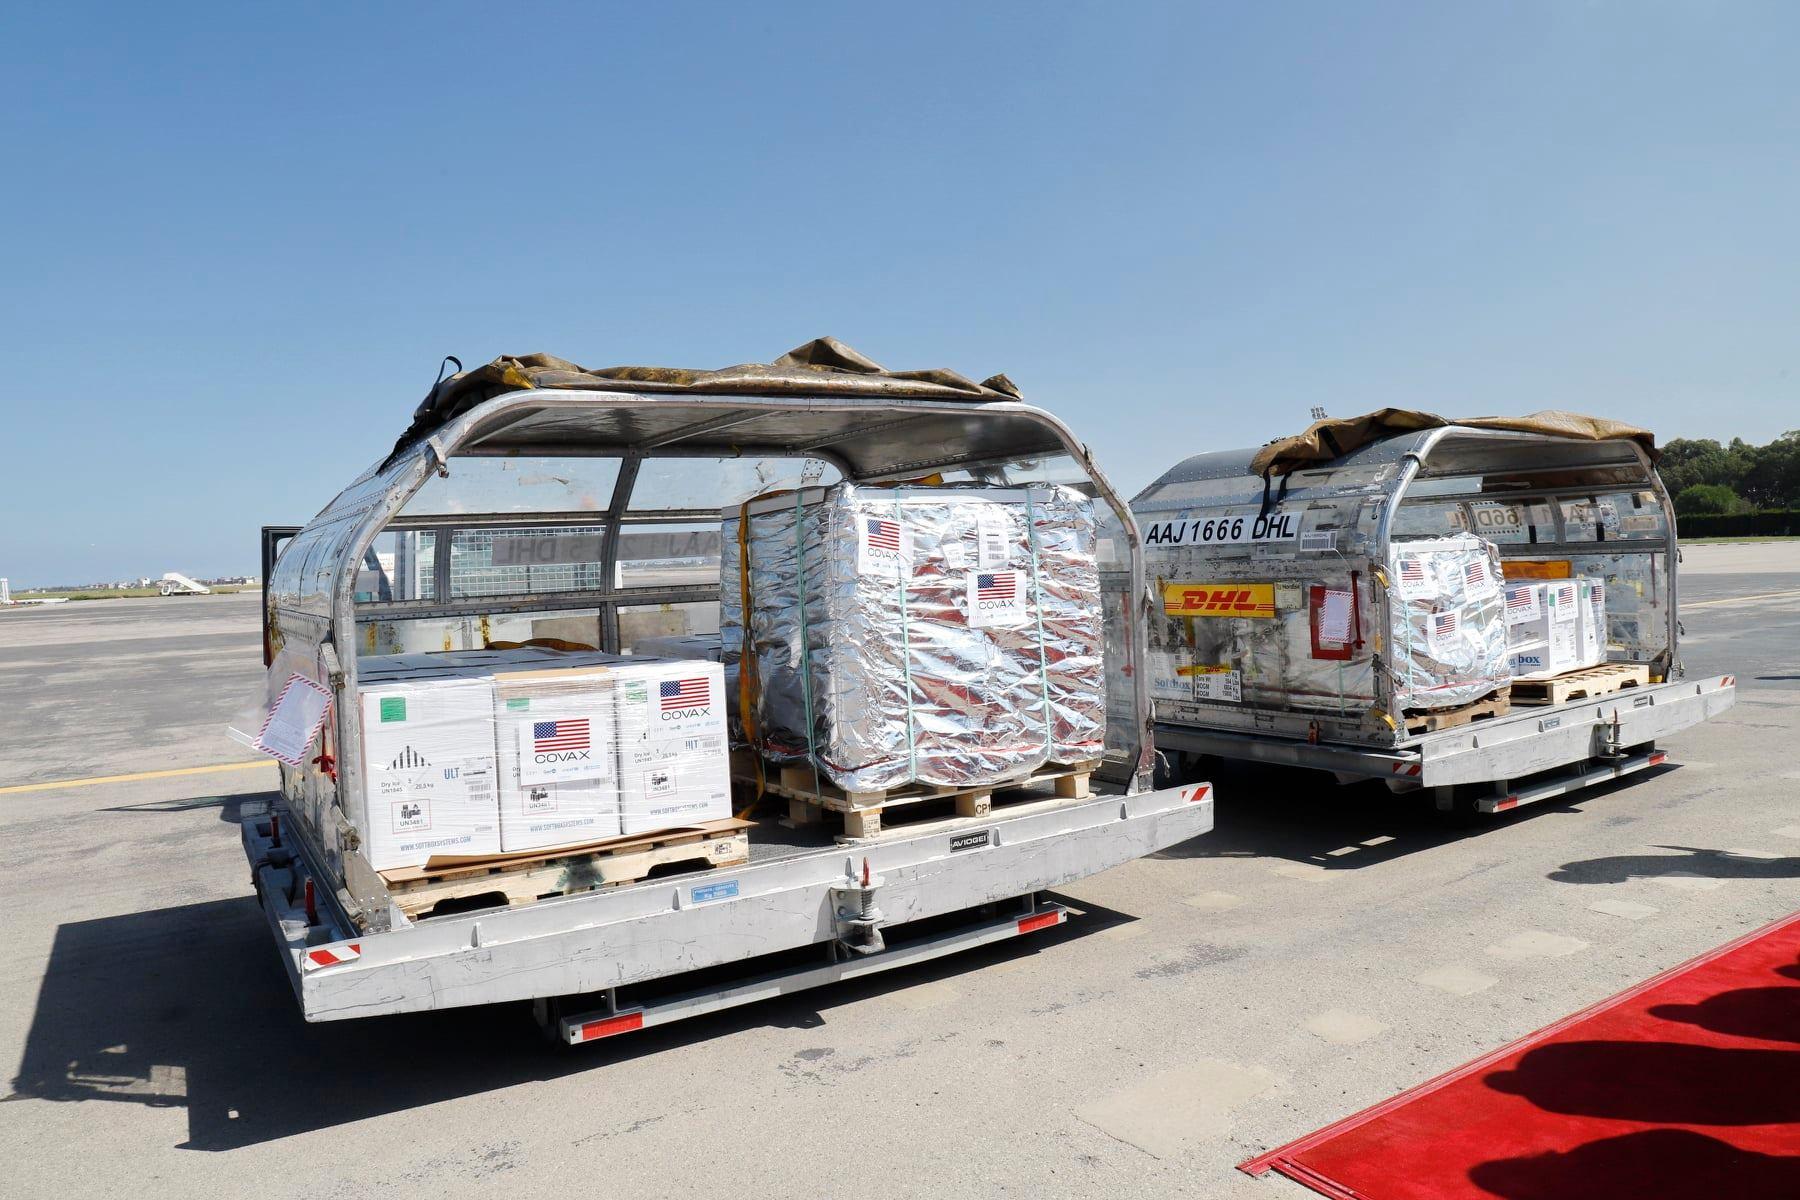 Covax: La Tunisie réceptionne 200.000 nouvelles doses du vaccin anti-Covid19